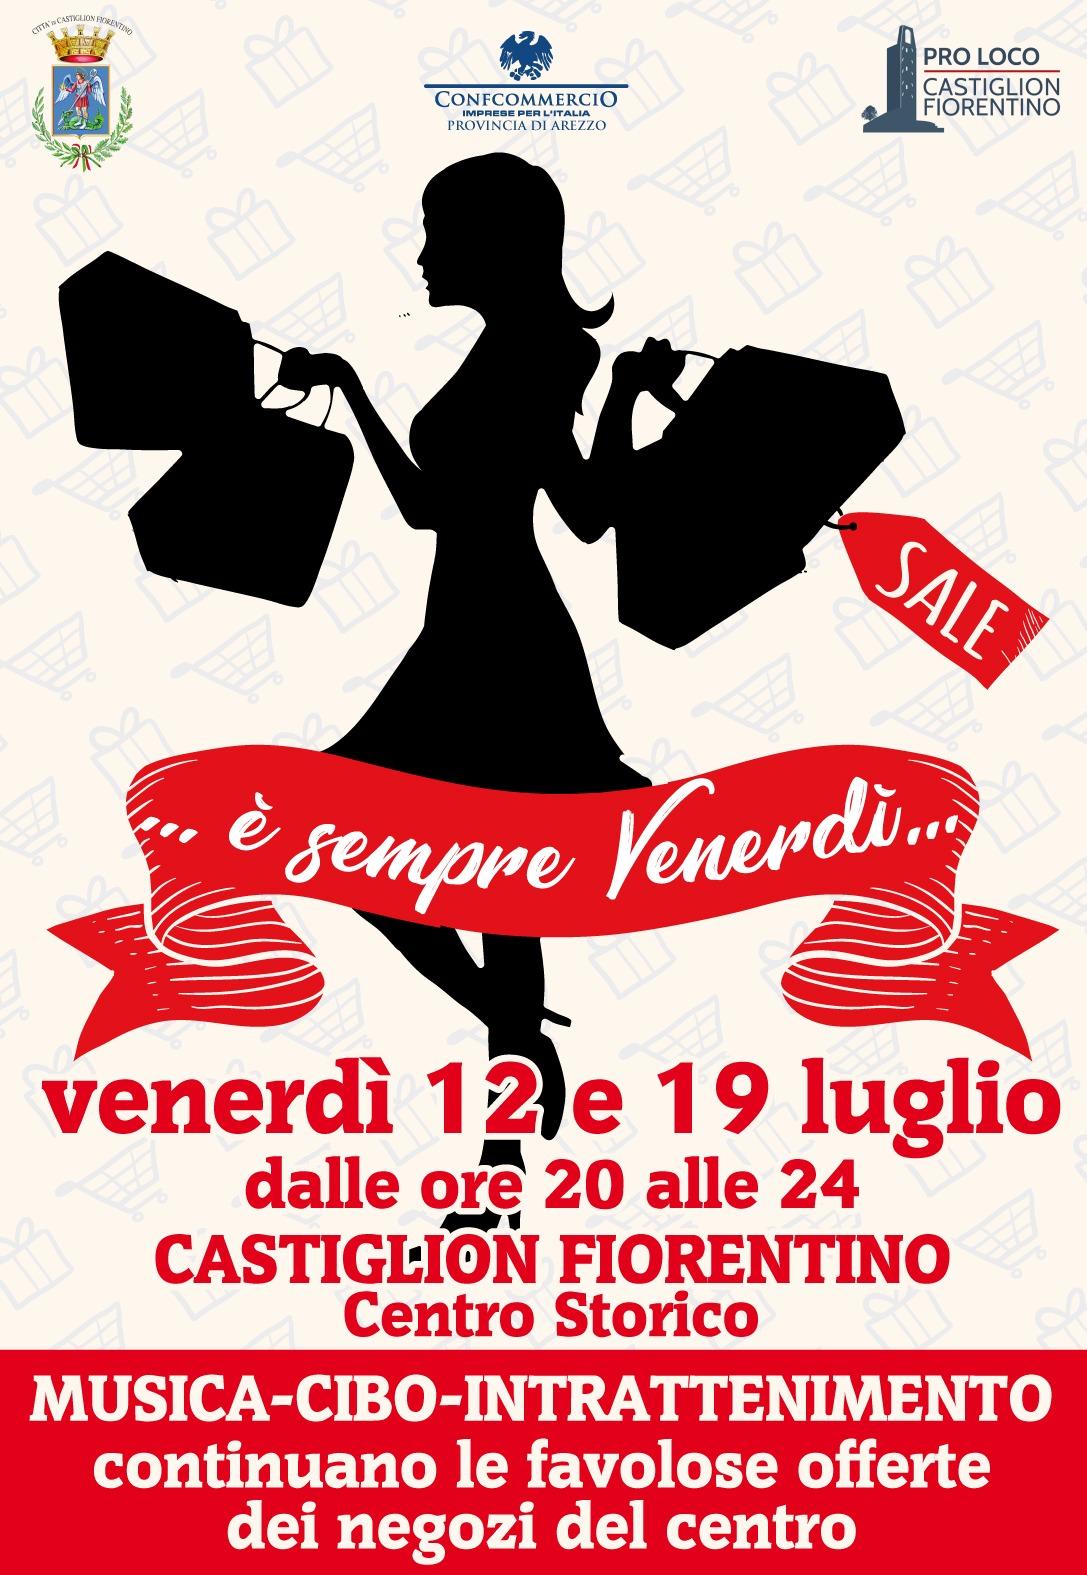 A Castiglion Fiorentino